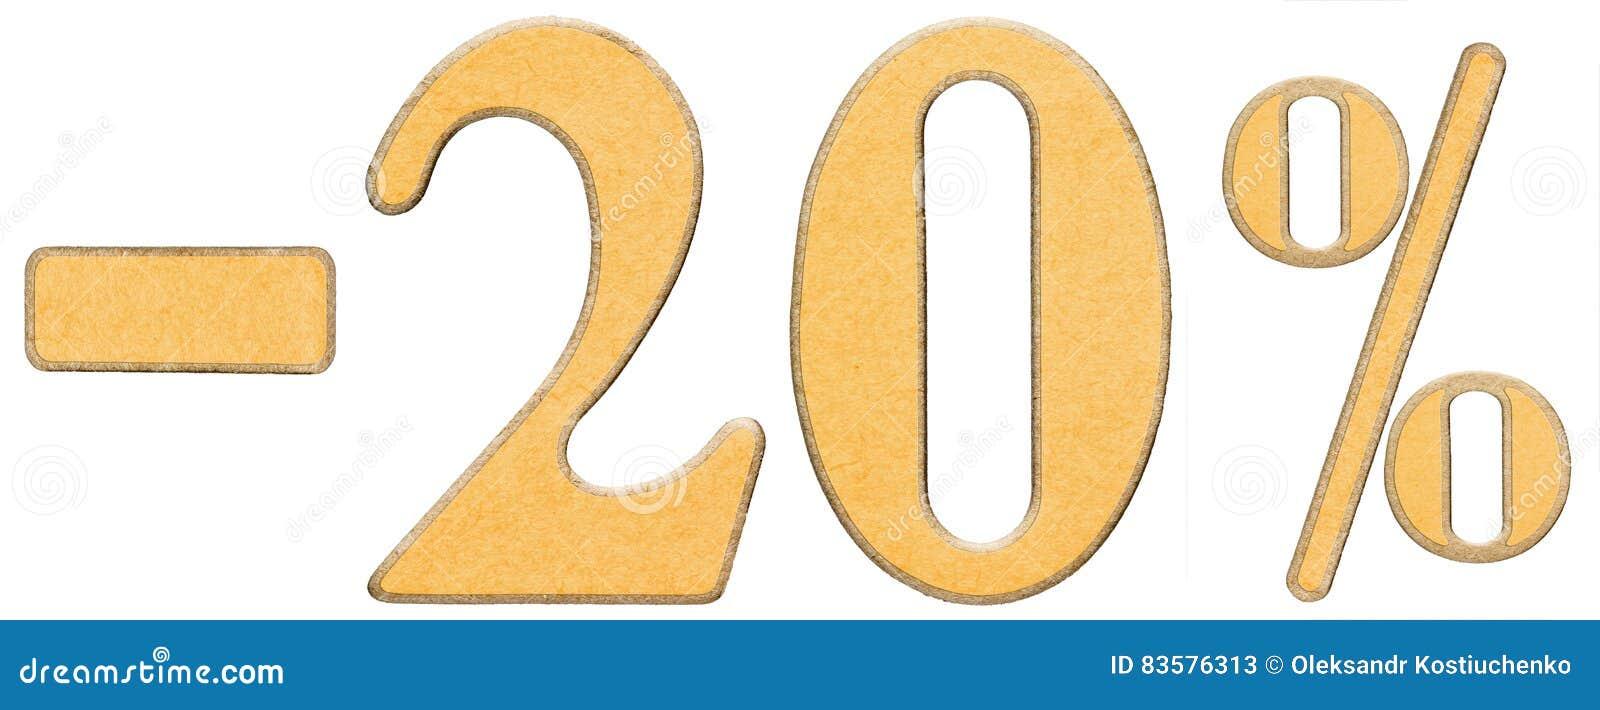 Percenten weg korting Minus 20 twintig percenten, isoleren de cijfers